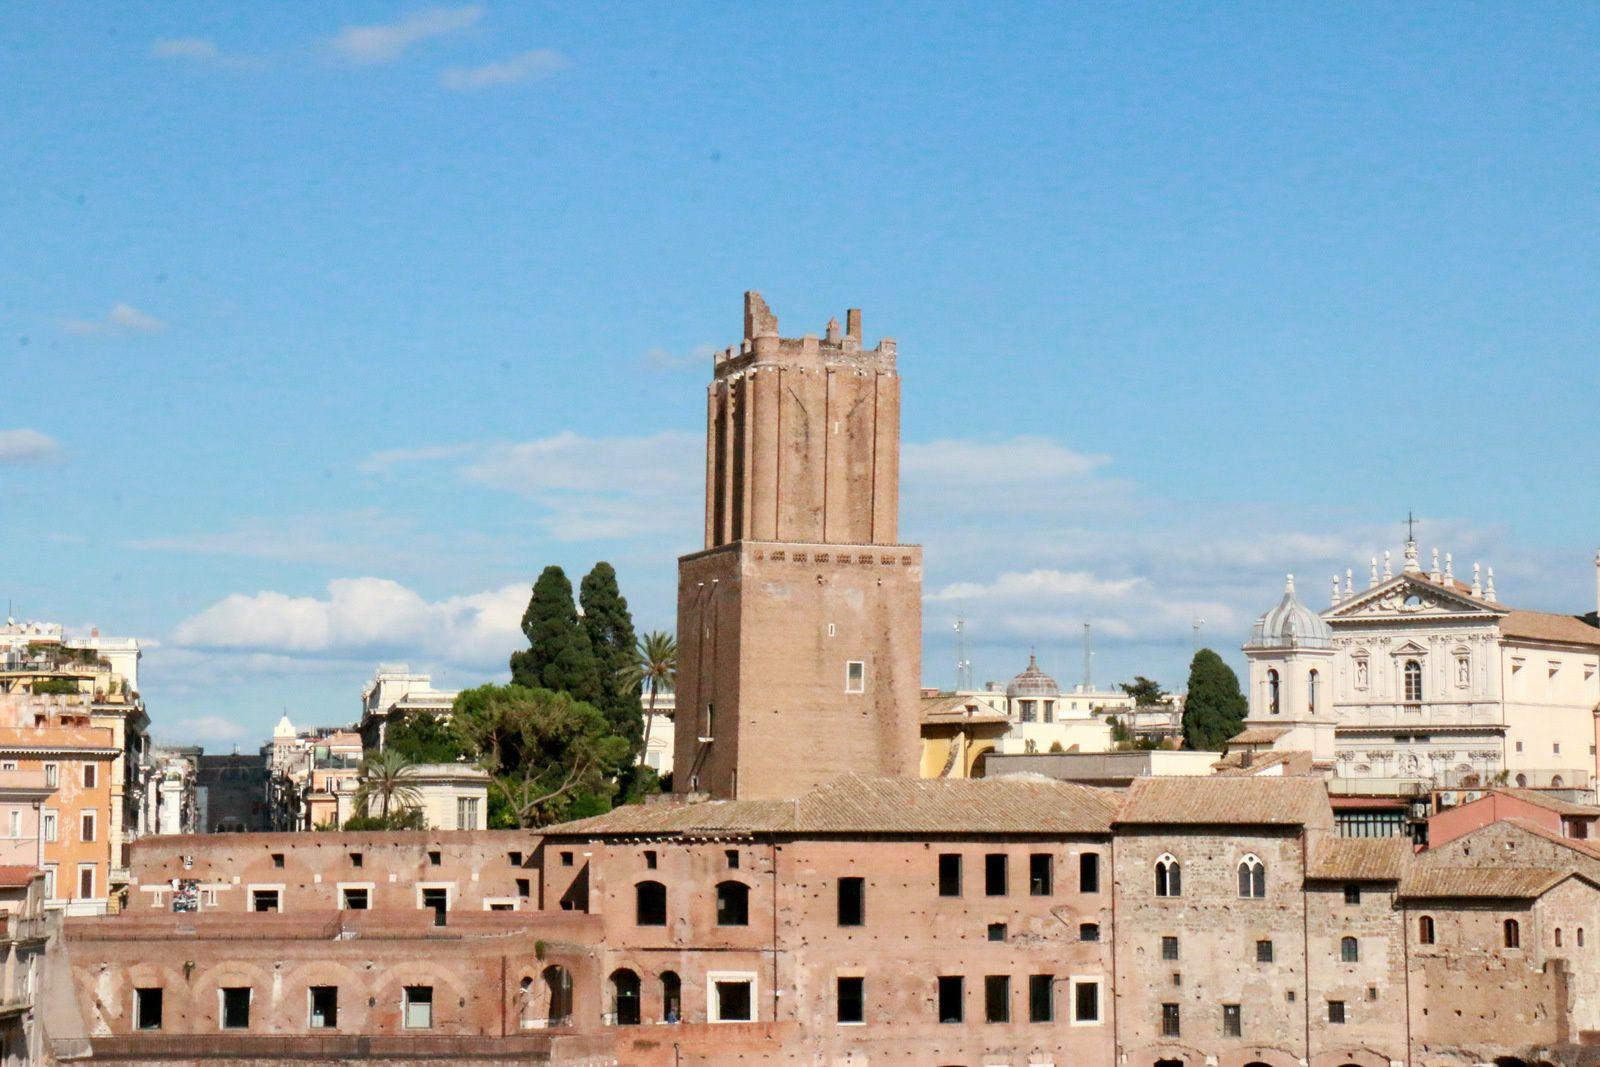 Eglise Santa Nome di Maria et la colonne Trajane, Rome